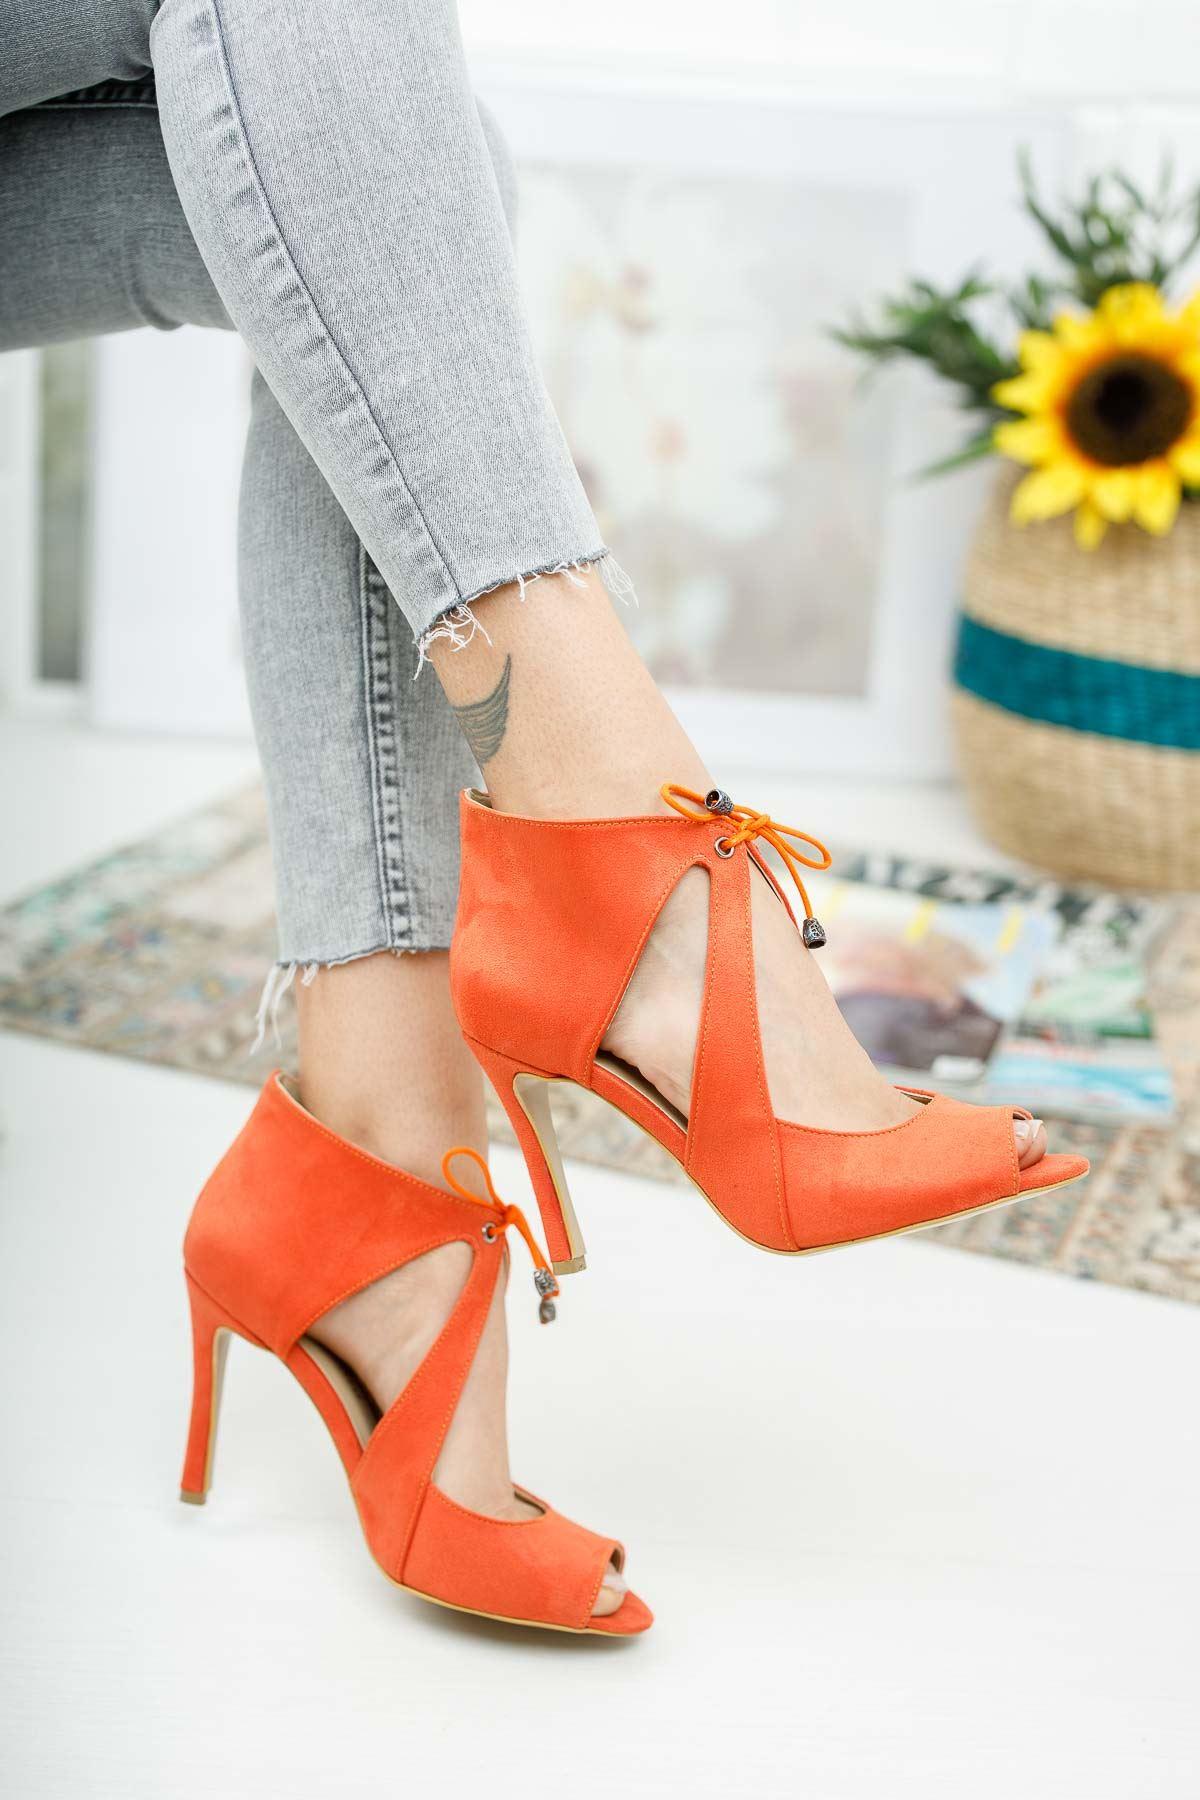 Eryas Turuncu Süet Topuklu Ayakkabı